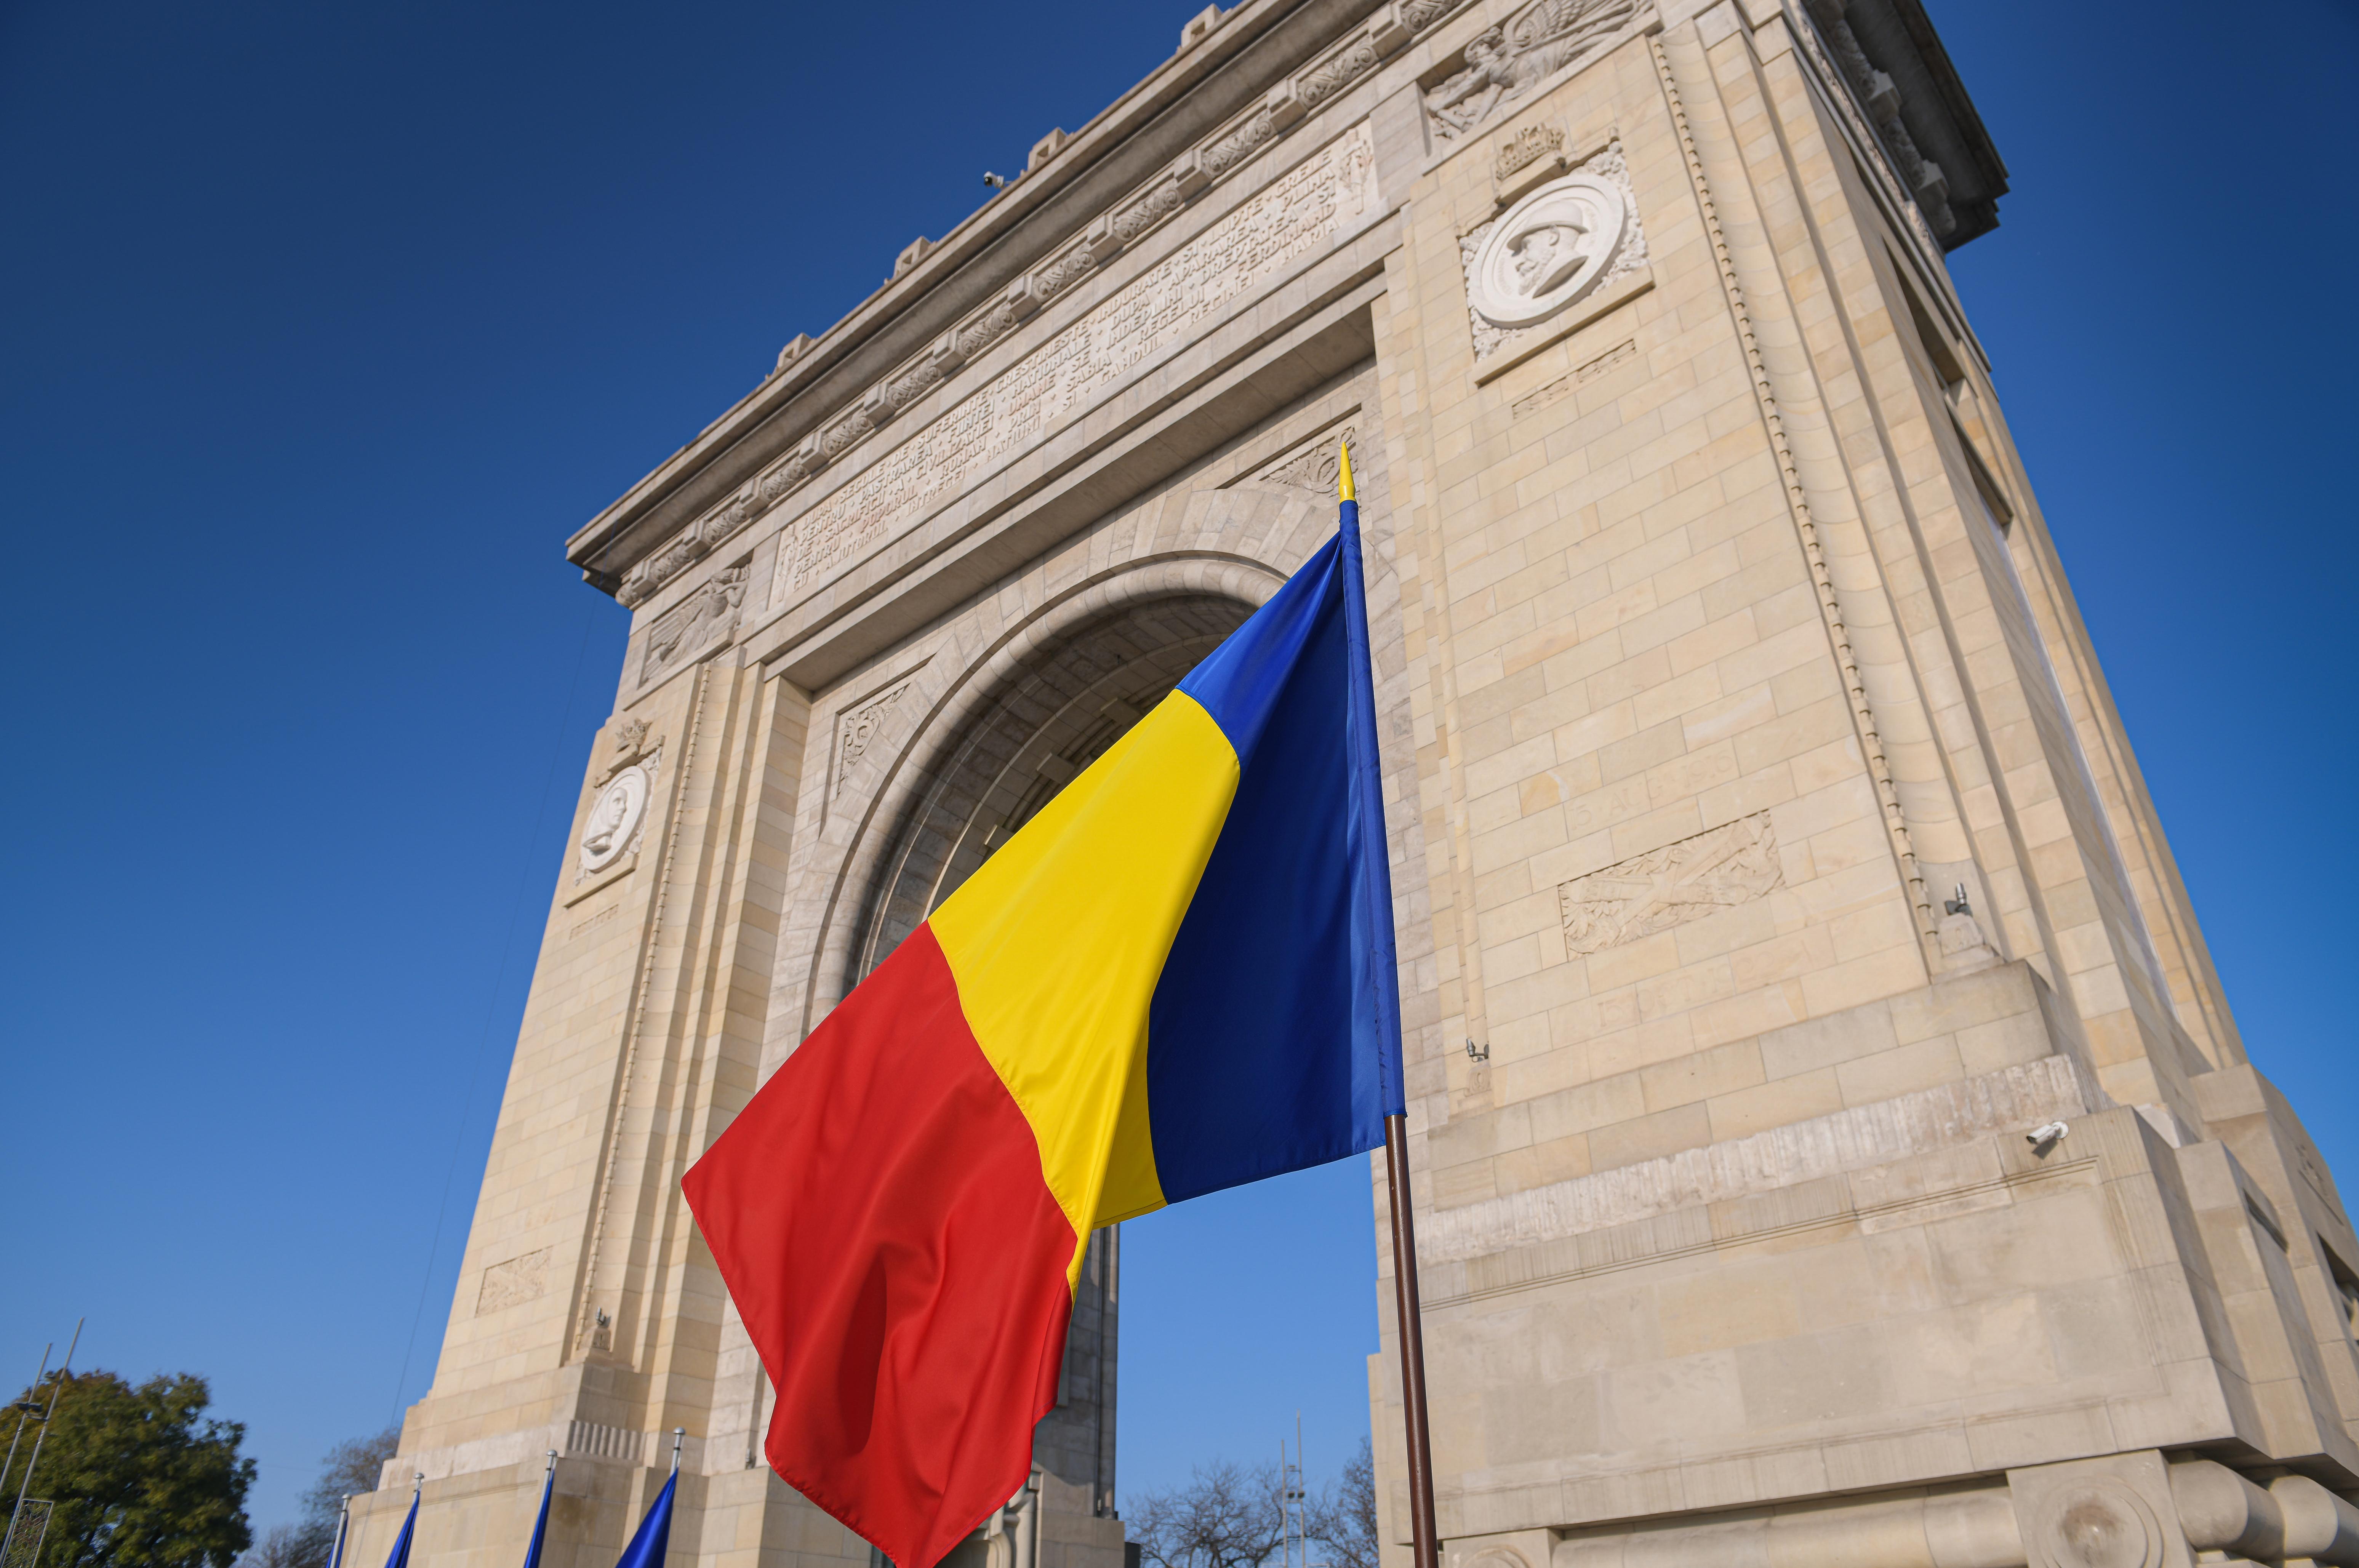 Флаг на фоне Триумфальной арки в Румынии, стране, в которой можно оформить ВНЖ